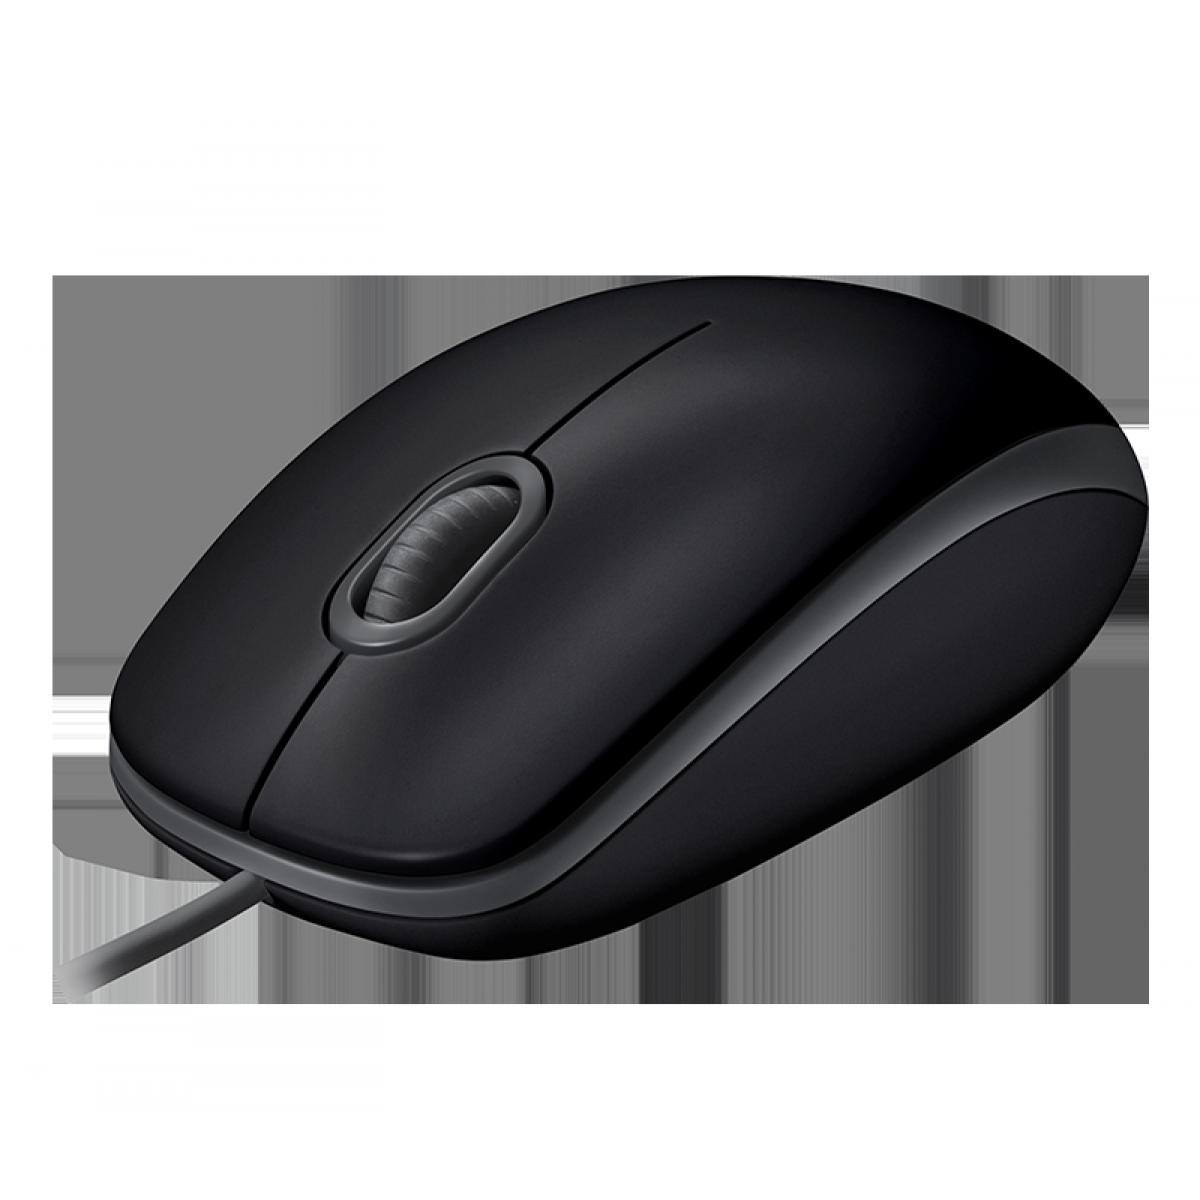 Mouse Logitech M110, USB, Black, 910-005493